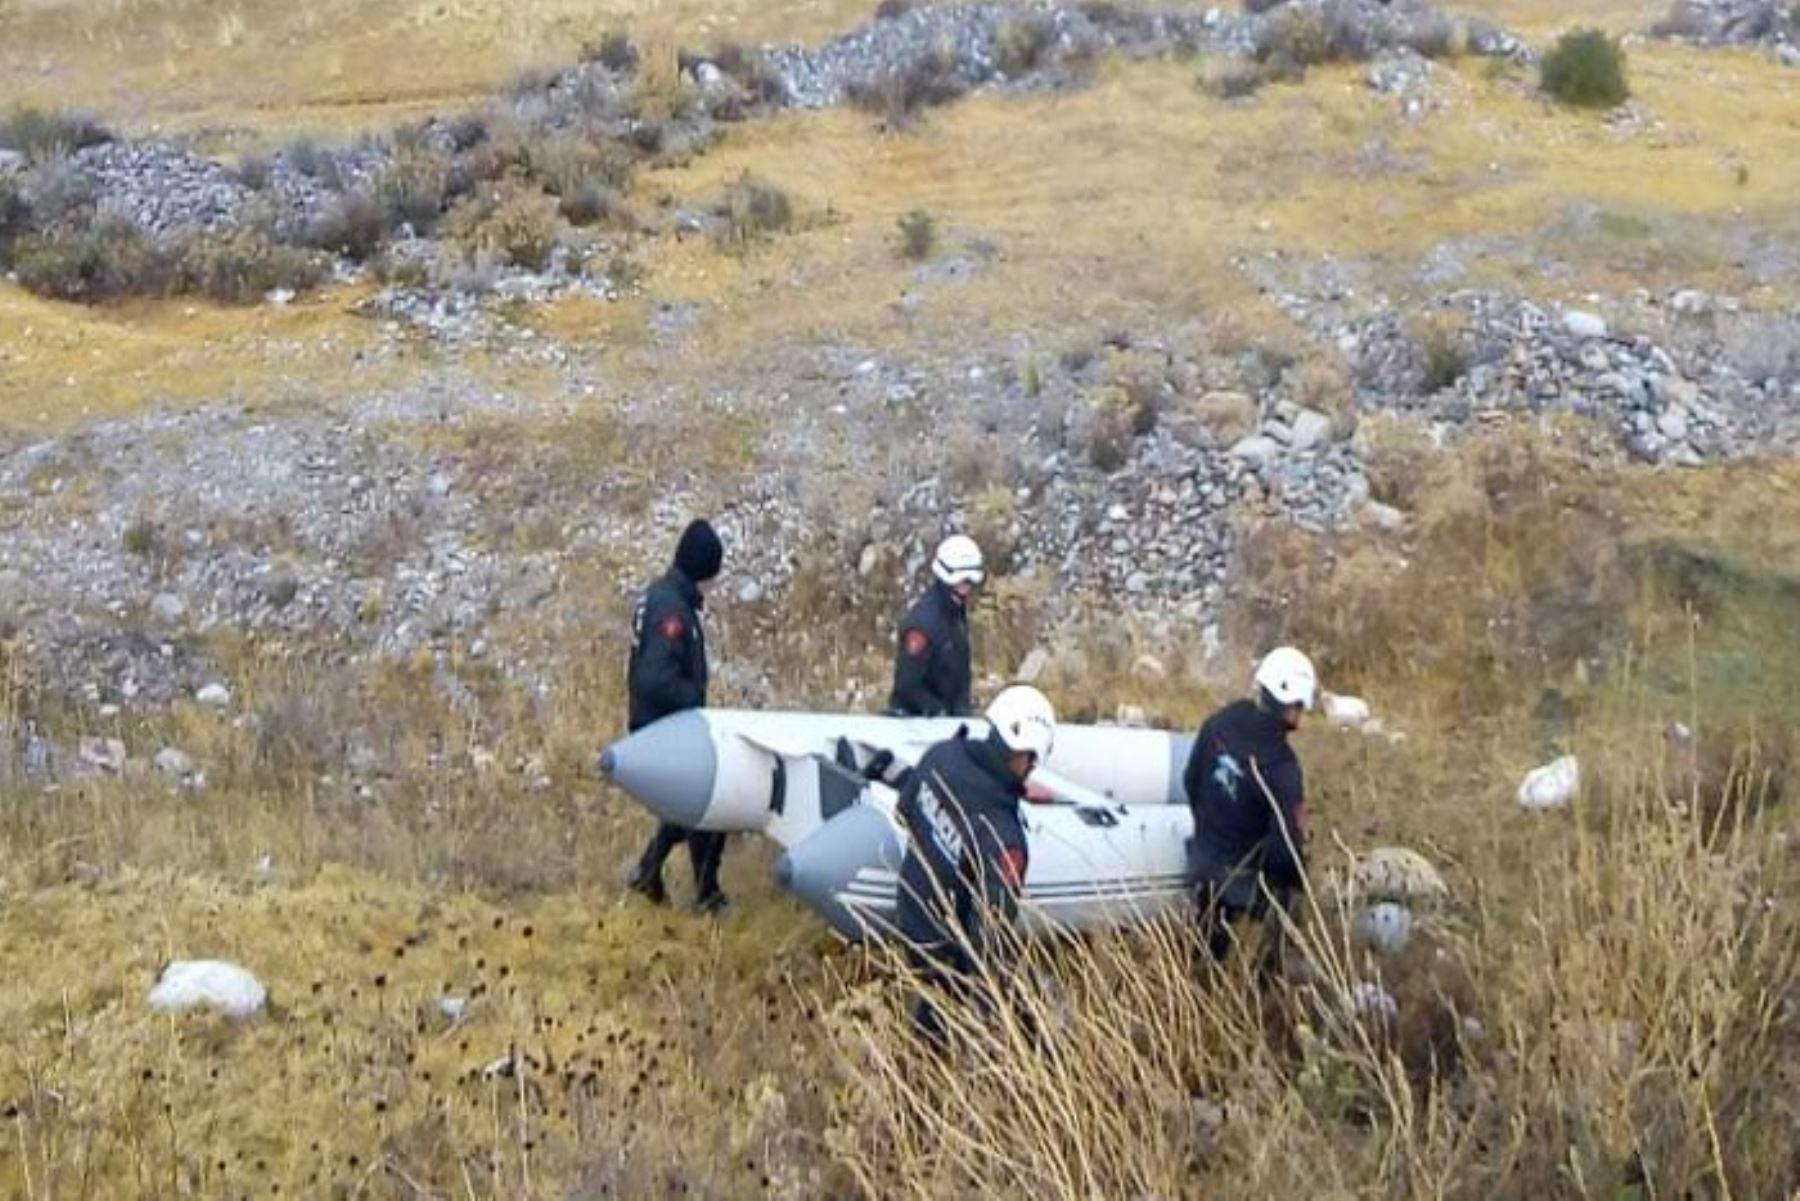 Policías rescatan cadáver de chofer del auto que cayó al río Mantaro en La Oroya